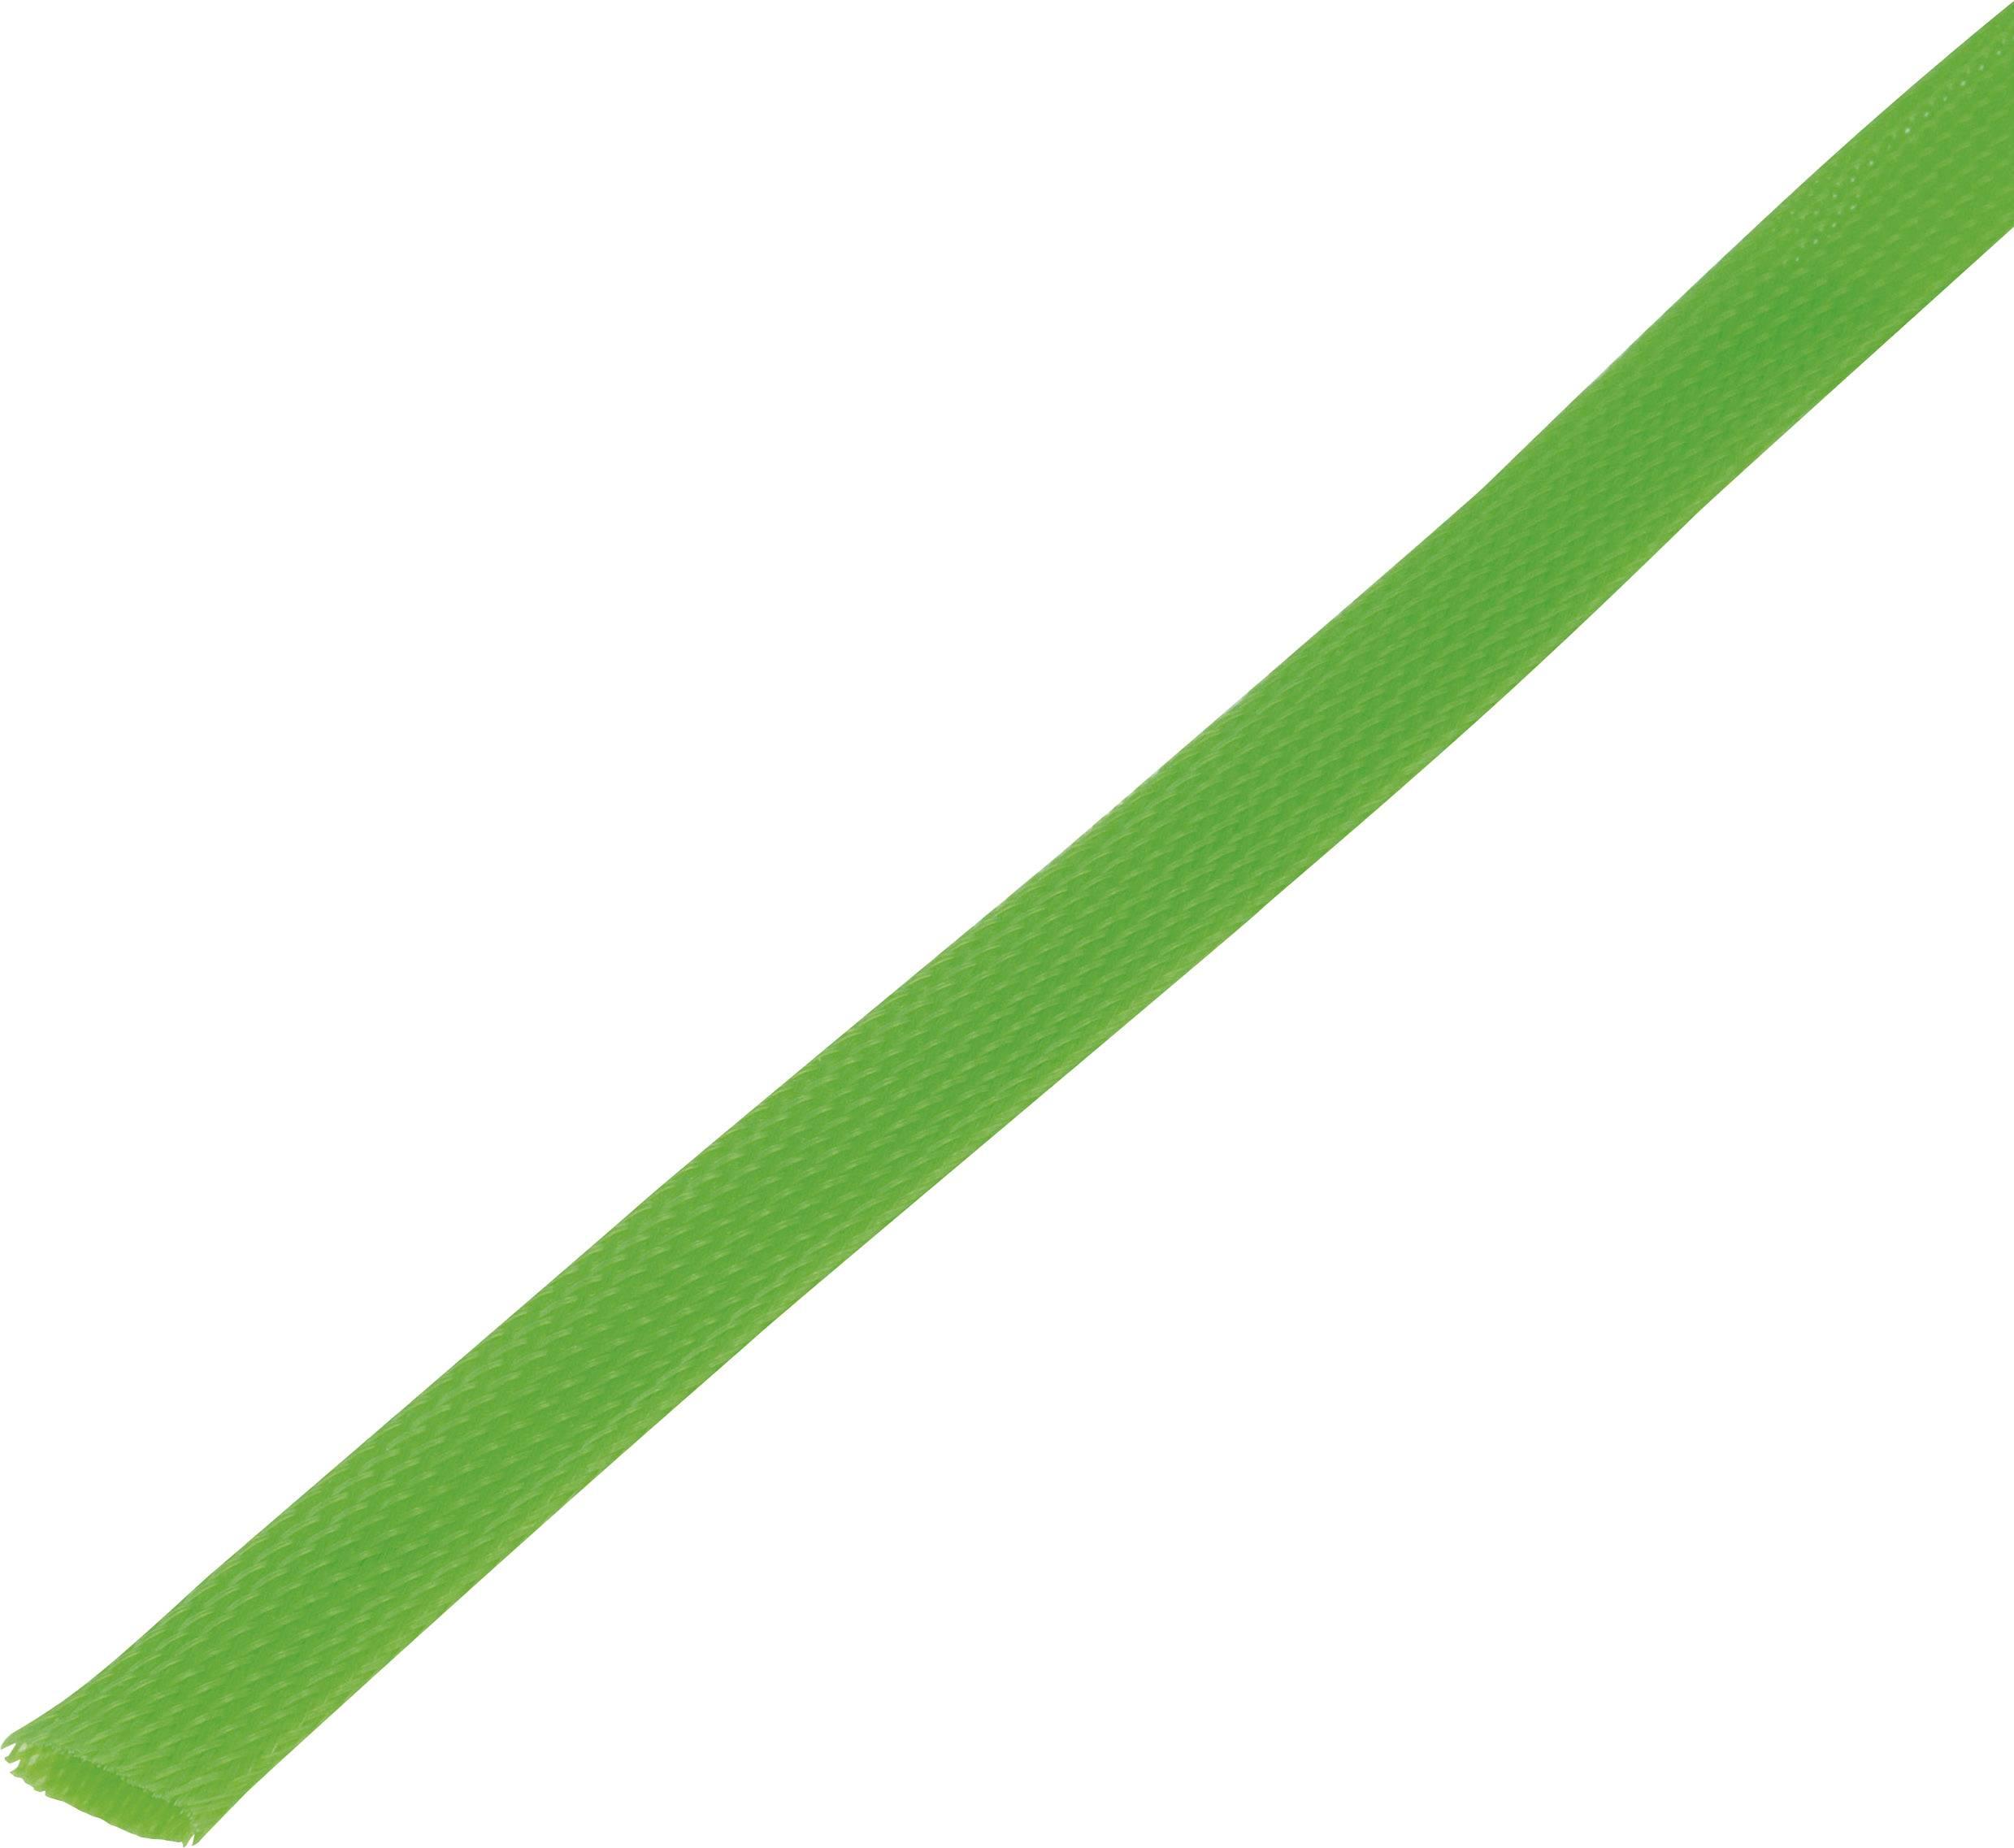 Ochranné opletenie CBBOX2028-GN Ø zväzku: 20 - 28 mm zelená 5 m